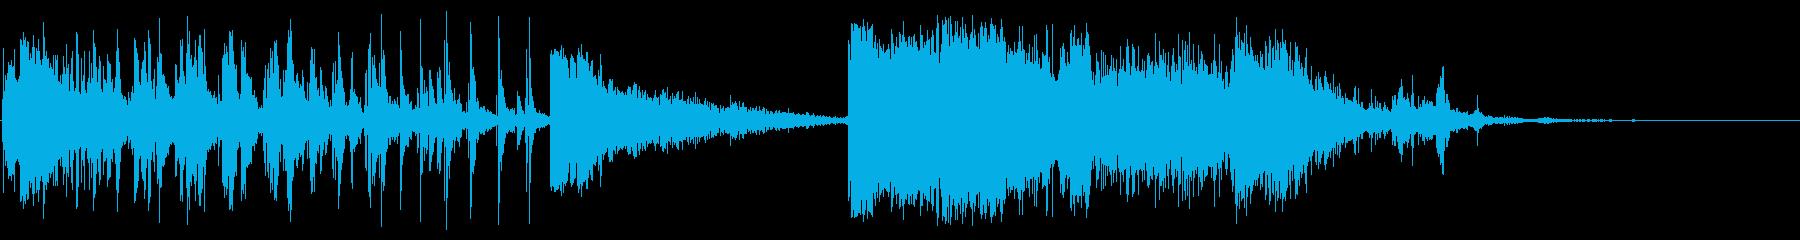 ストレッチ、スナップアンドクラッシ...の再生済みの波形